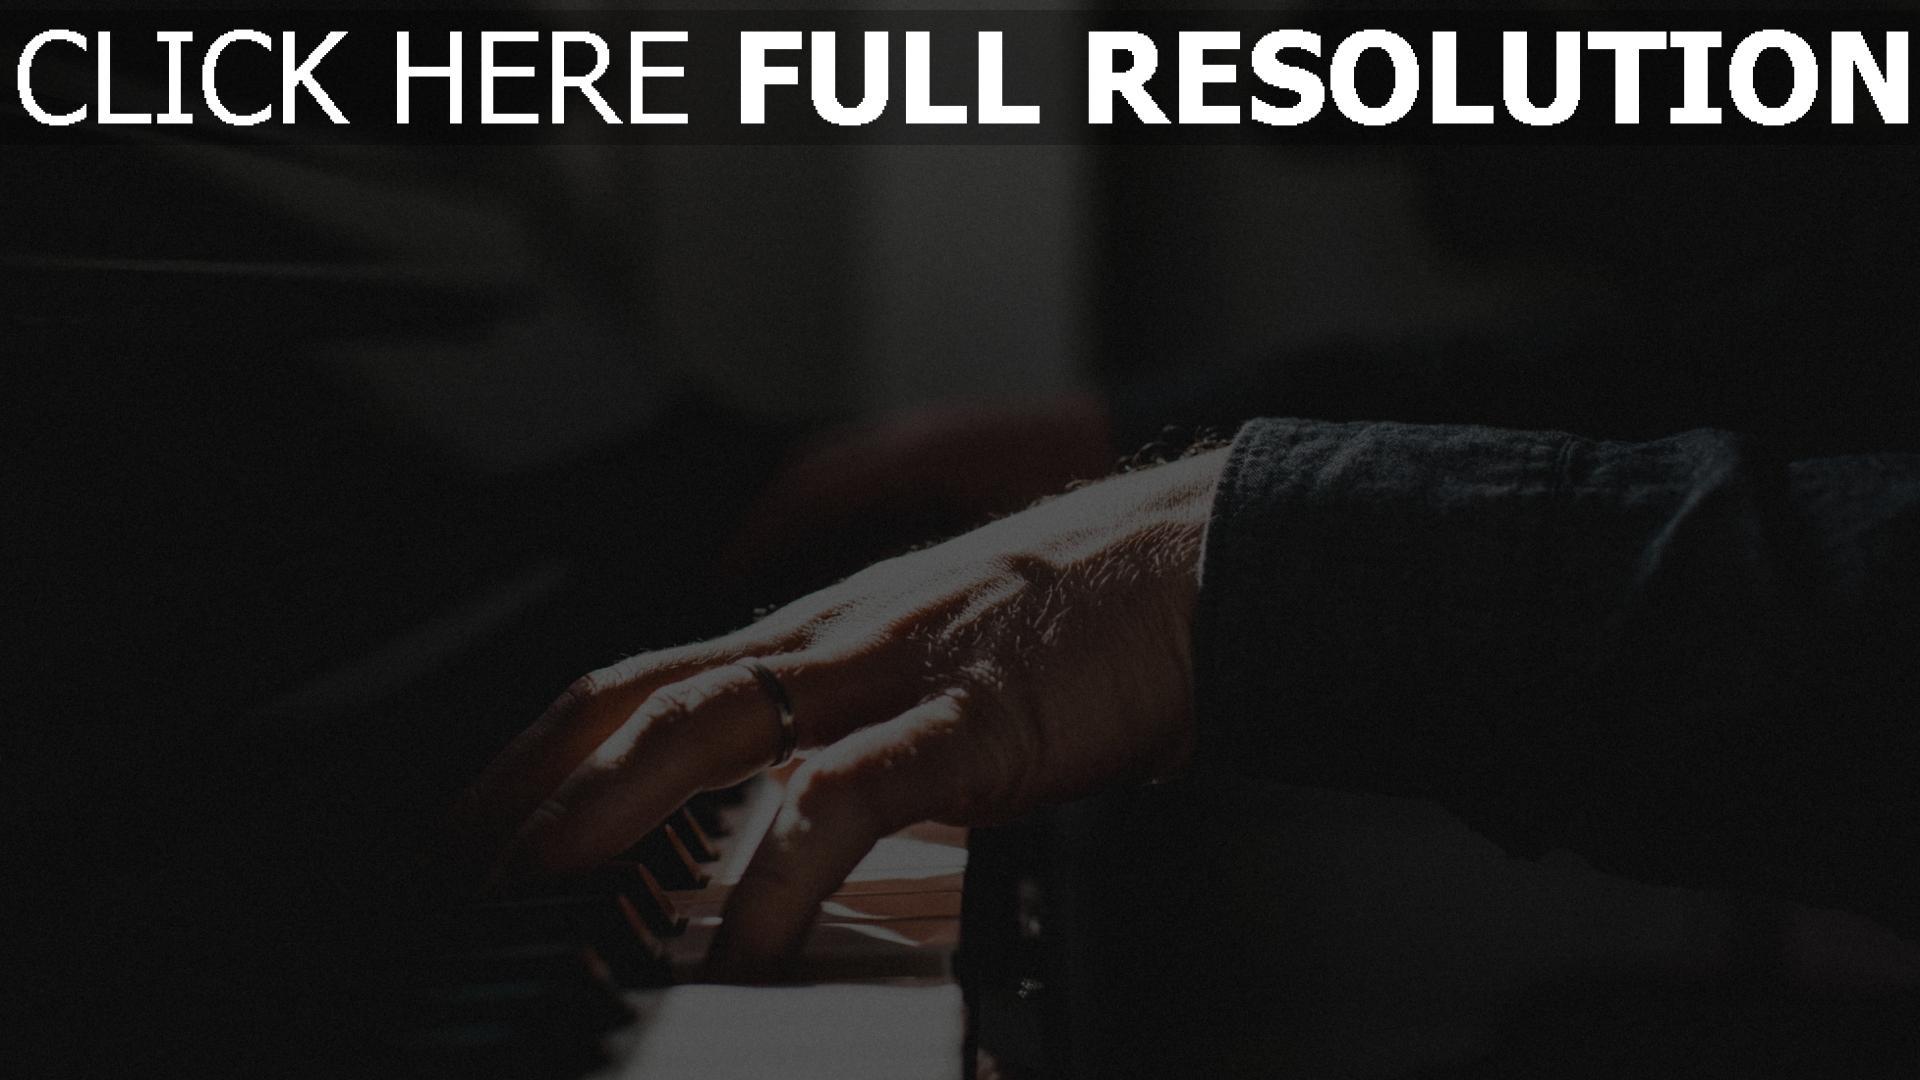 hd hintergrundbilder ring musik hände klavier 1920x1080